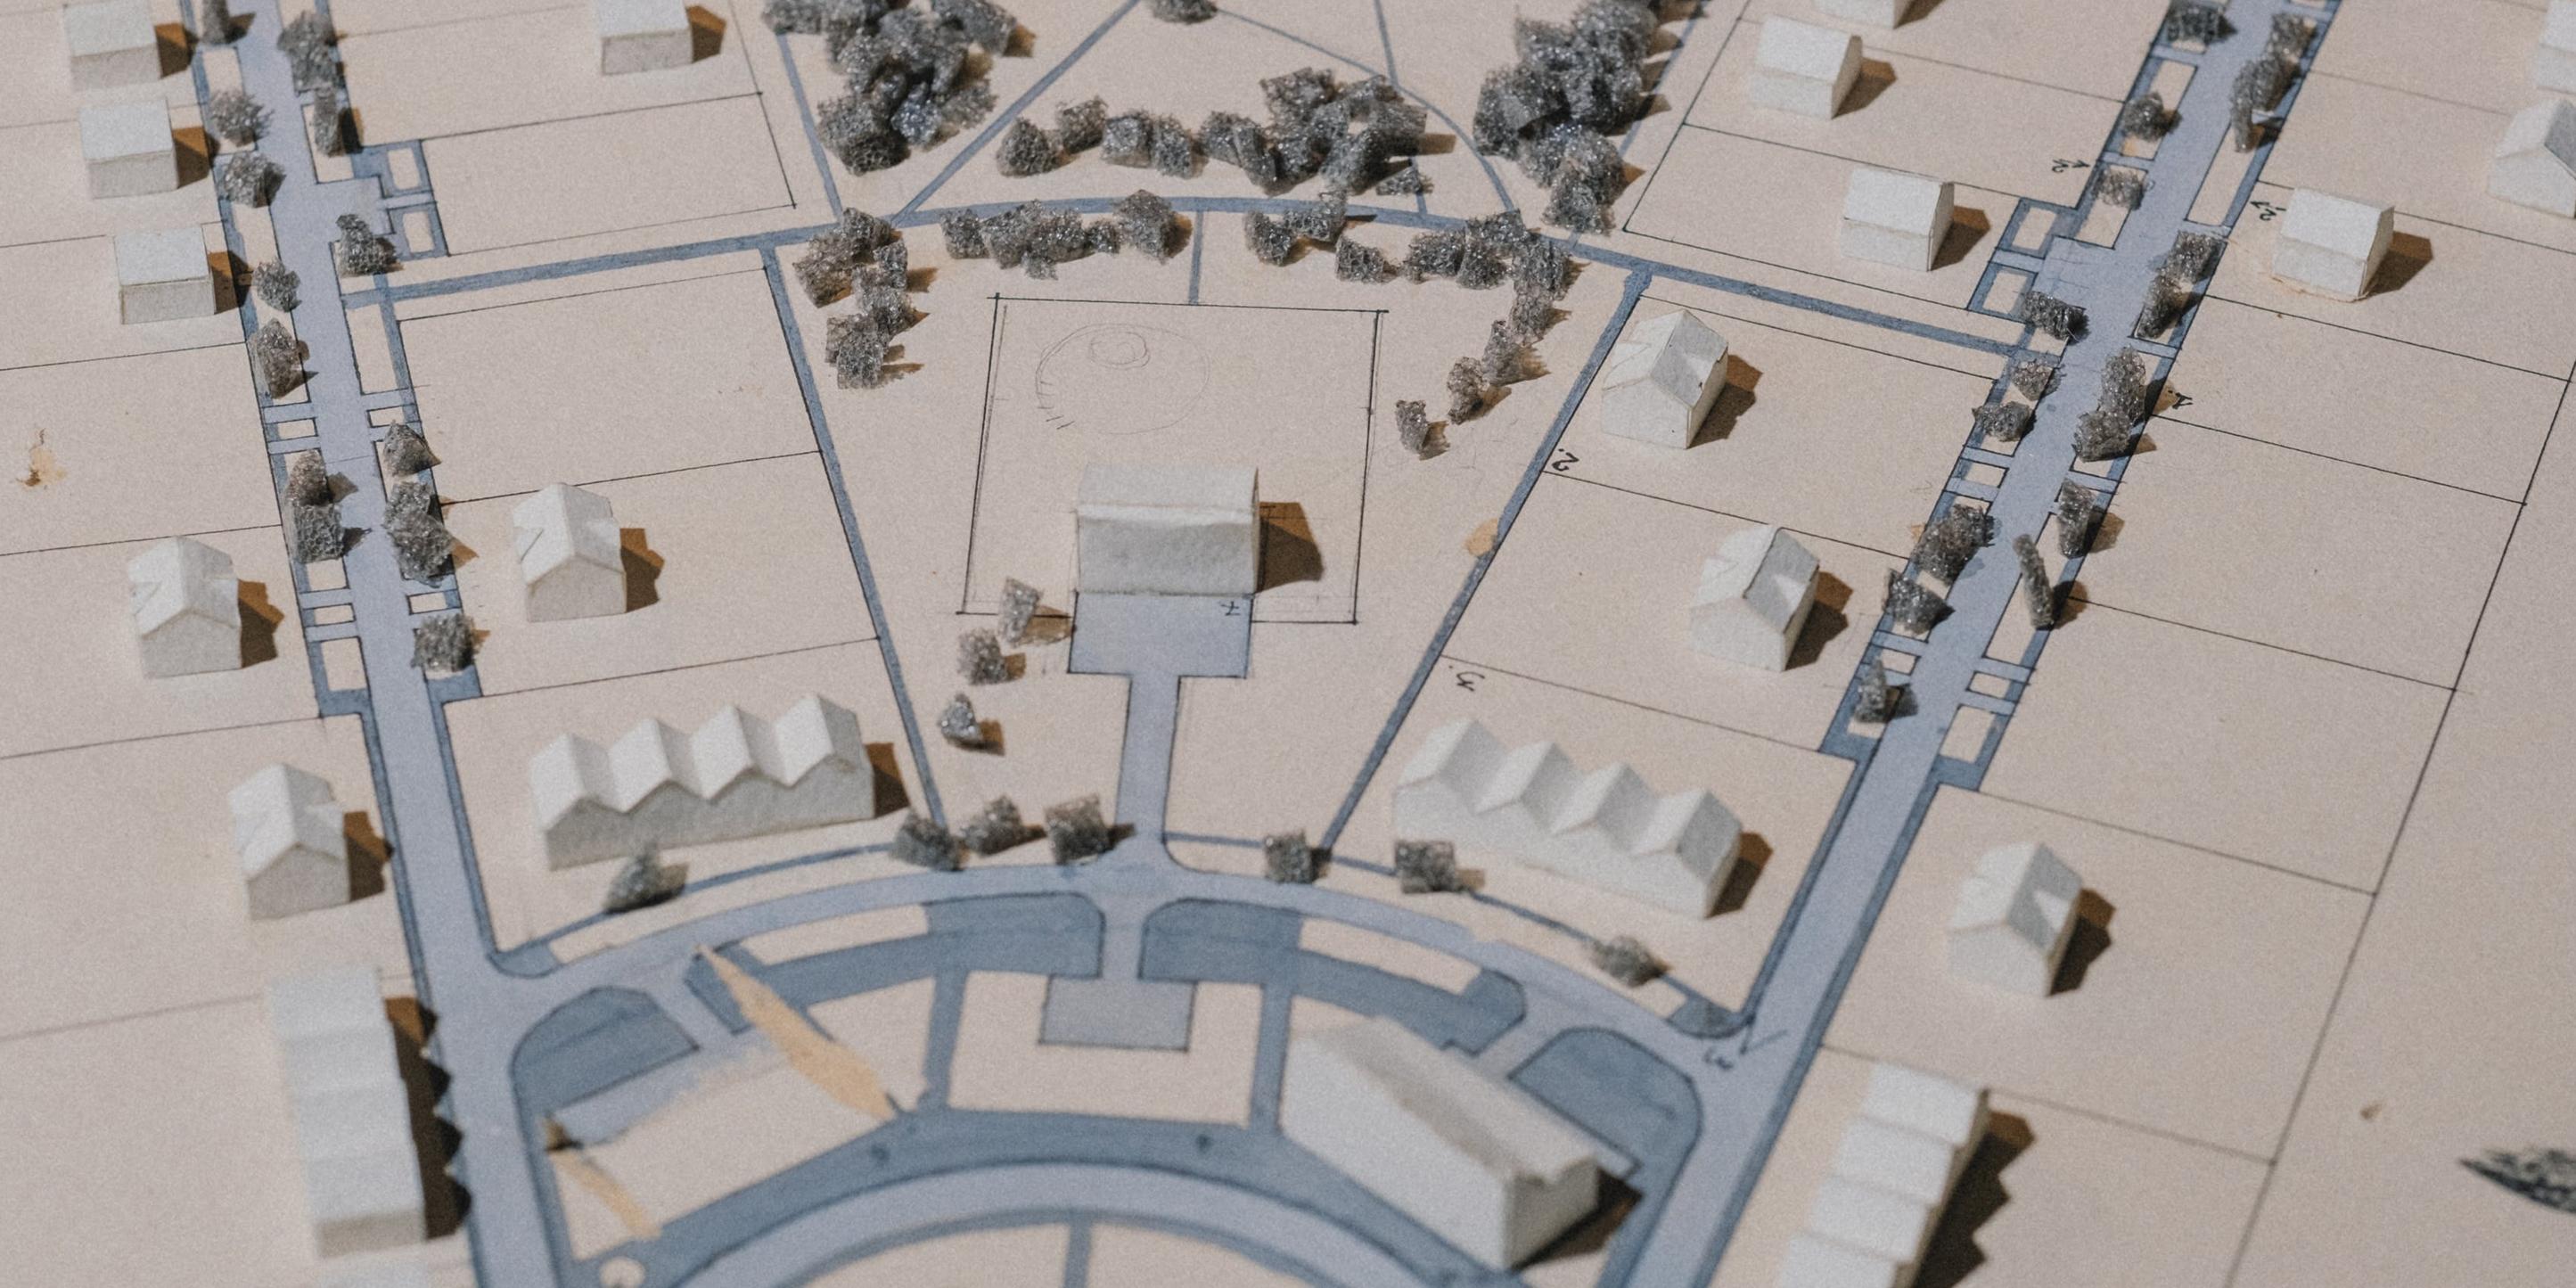 Auf einem Blatt Papier sind Gebiete und Straßen eingezeichnet. Darauf stehen kleine Modellhäuser.